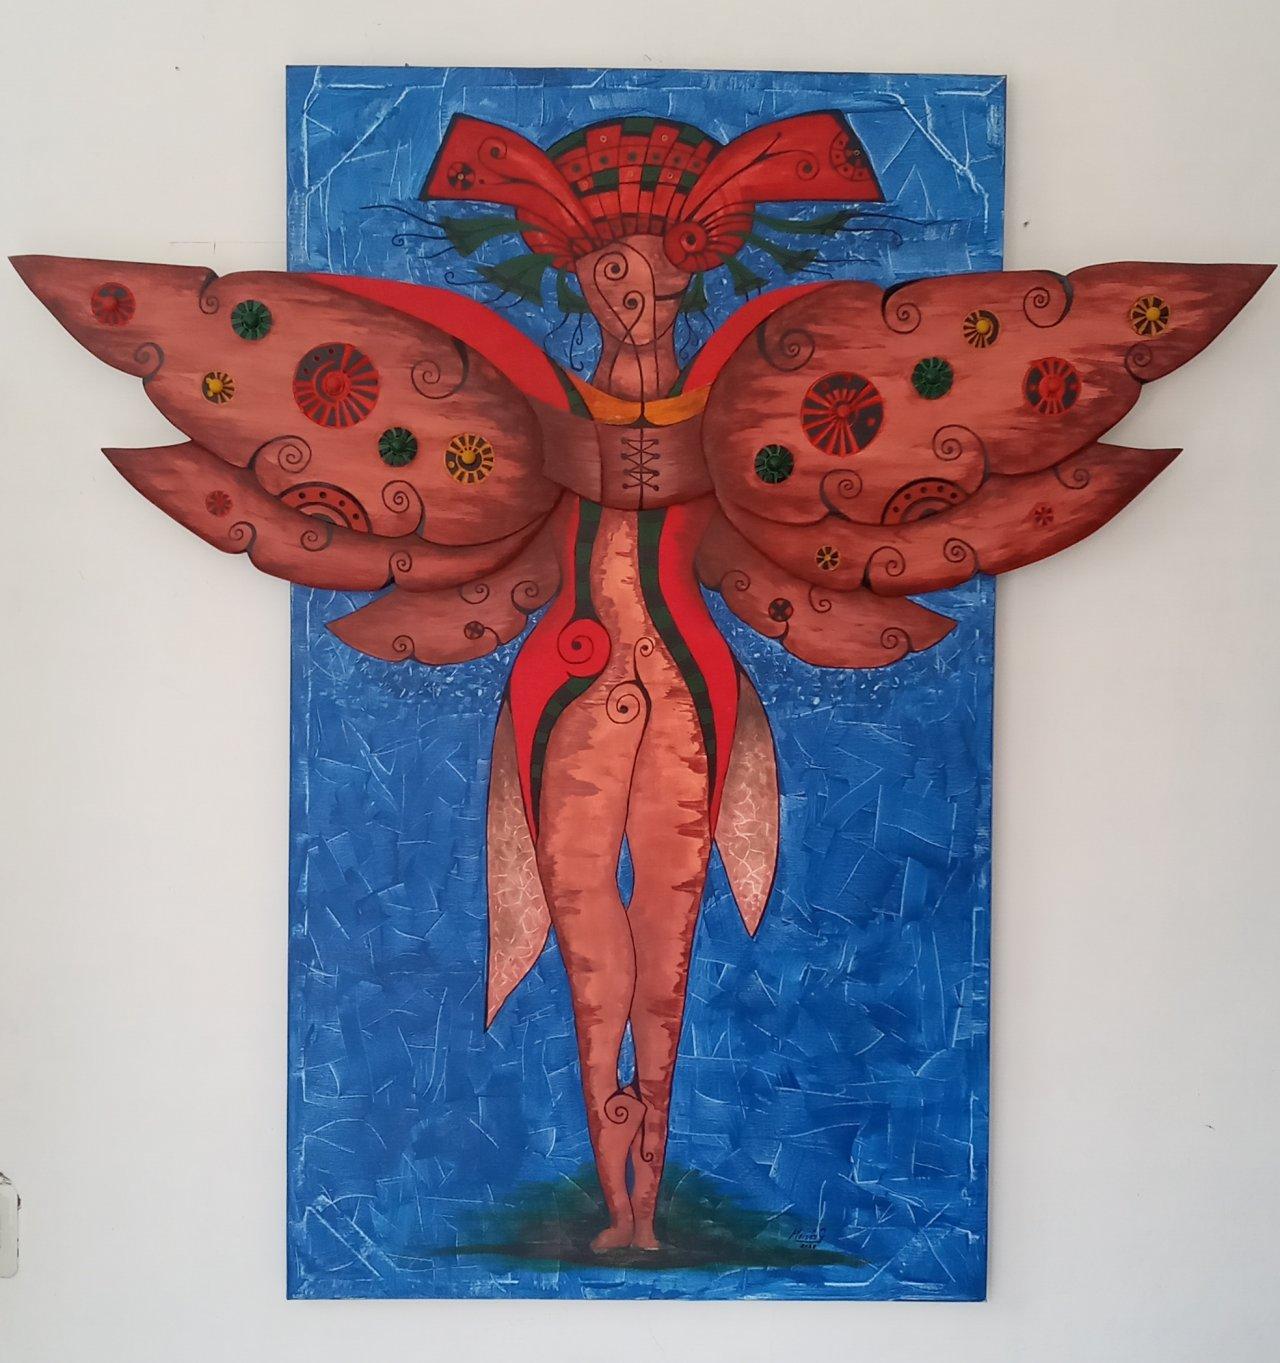 Los humanos debemos nacer con alas (2020) - Moisés González Acosta